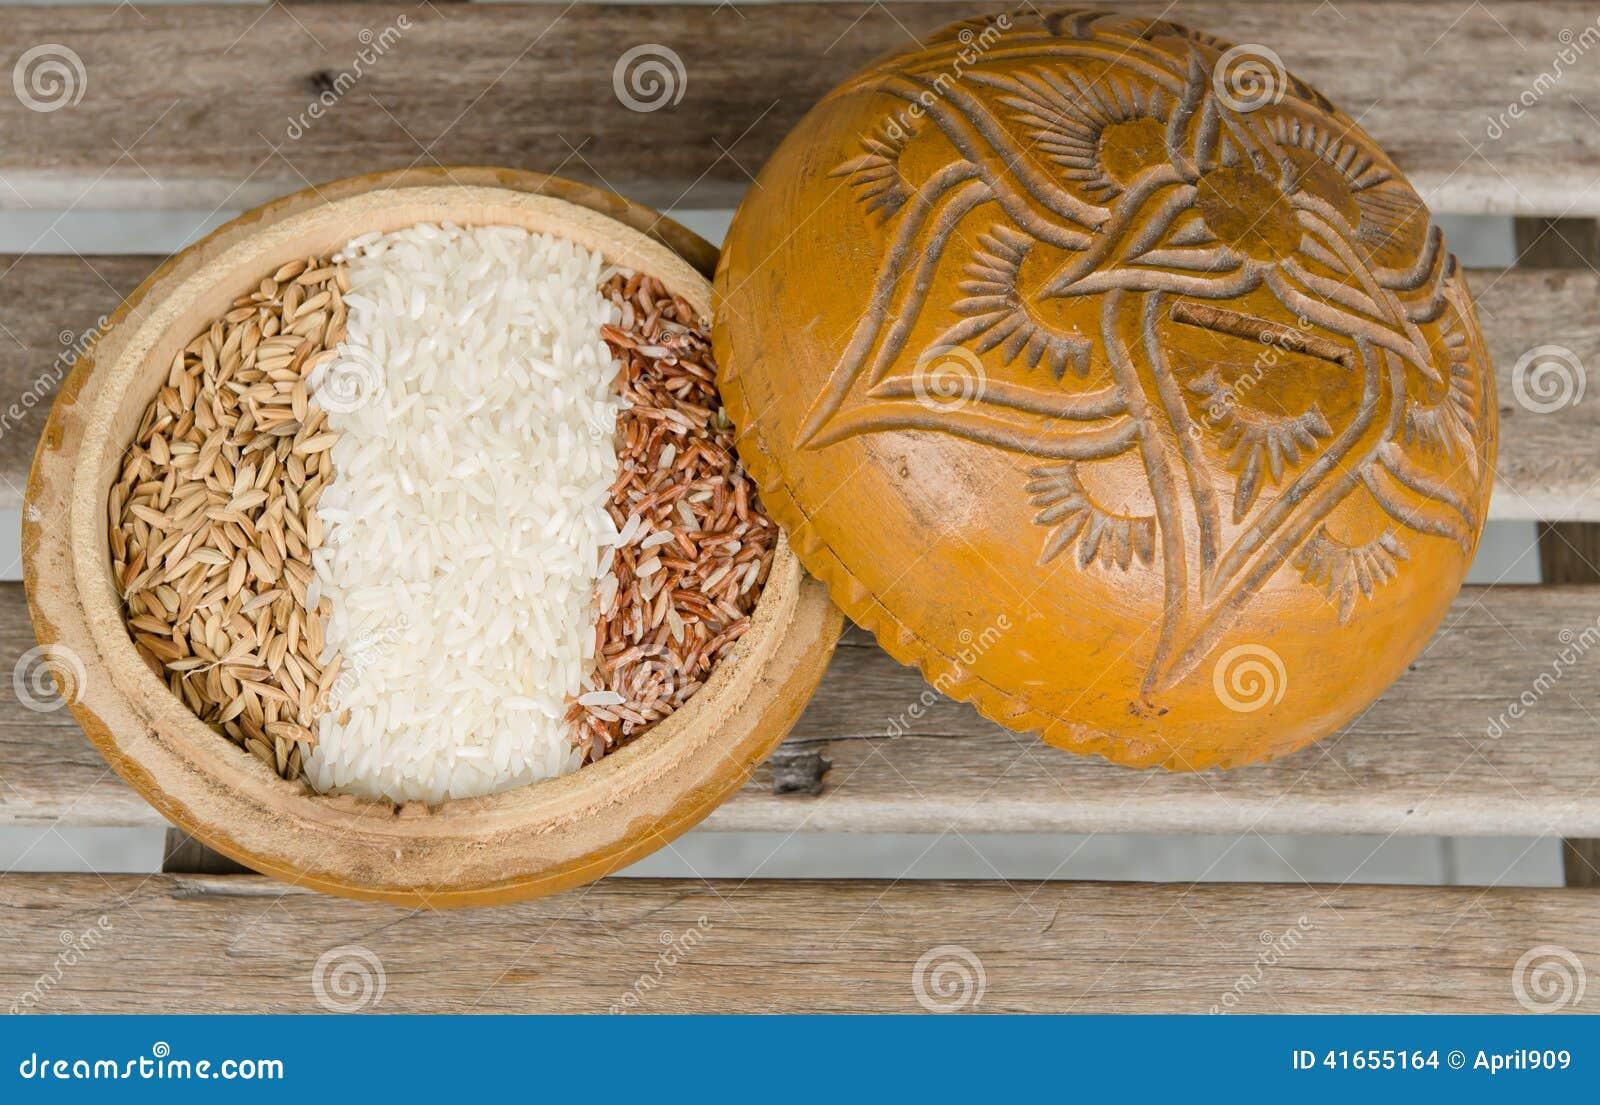 Рисы в деревянном шаре